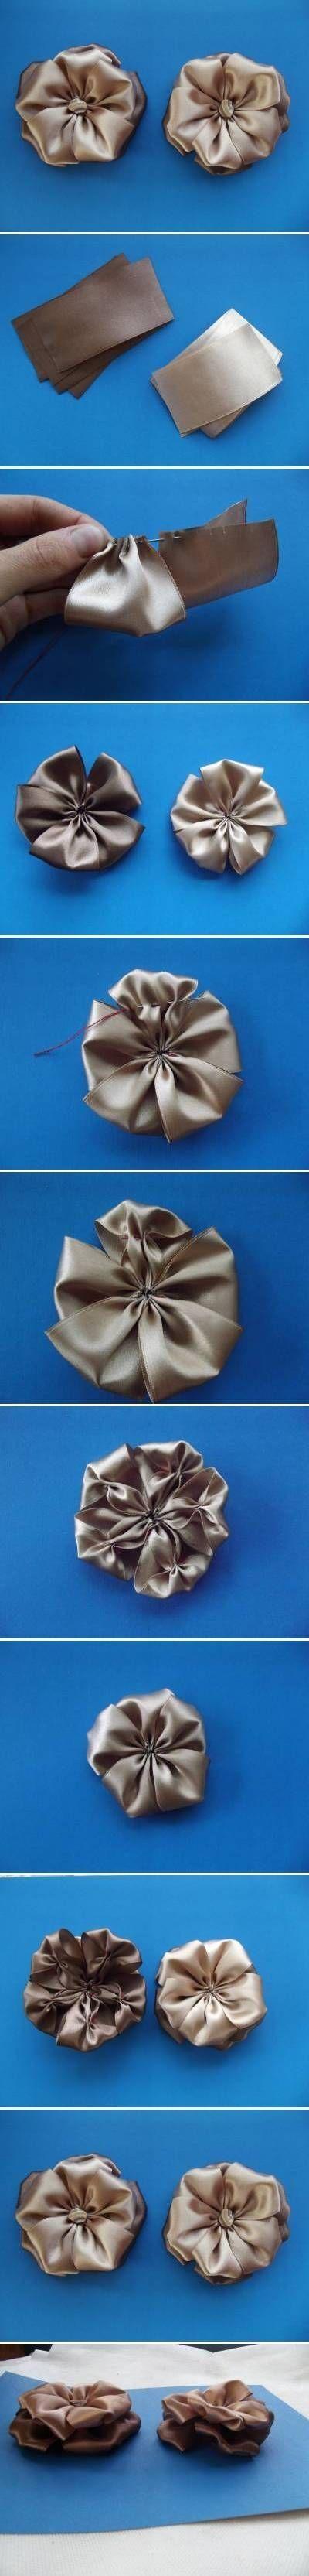 DIY Original Ribbon Bow by kary